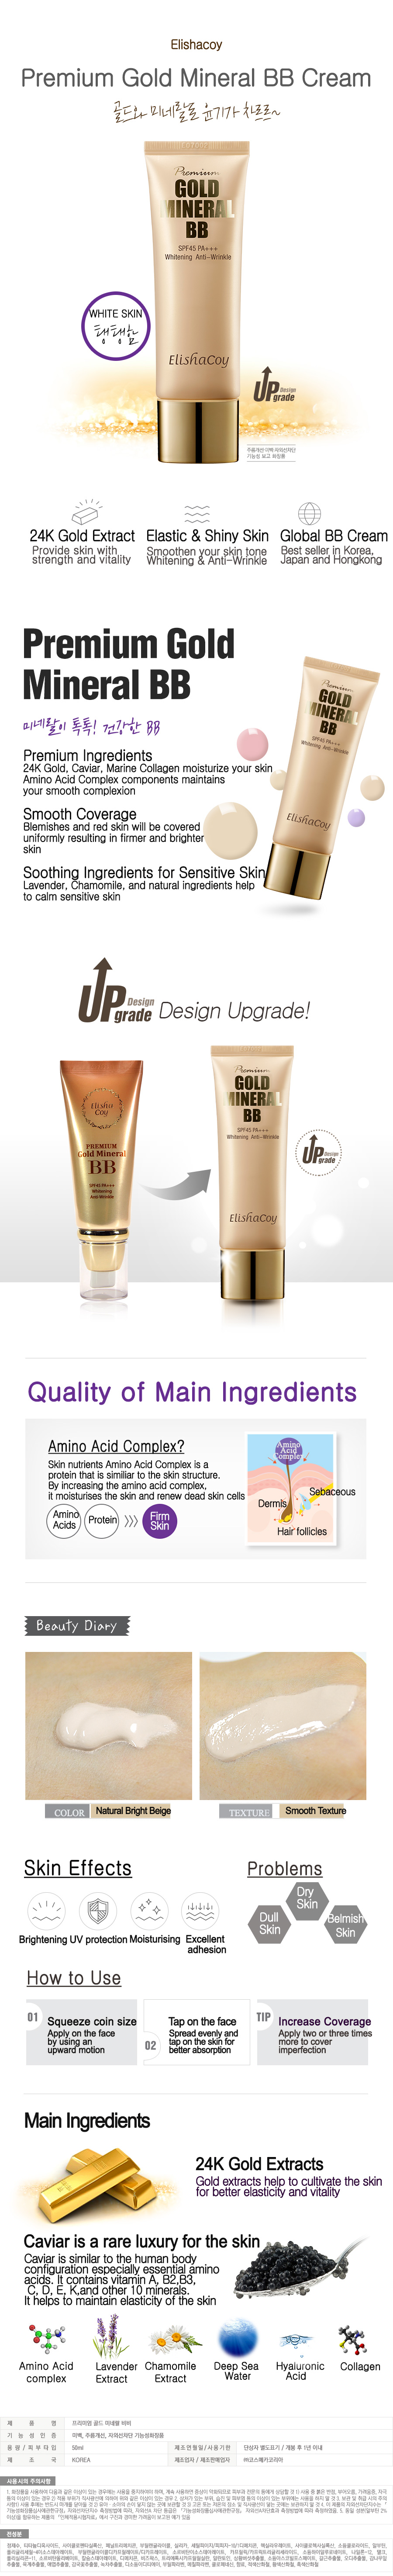 Premium Gold Mineral BB Cream